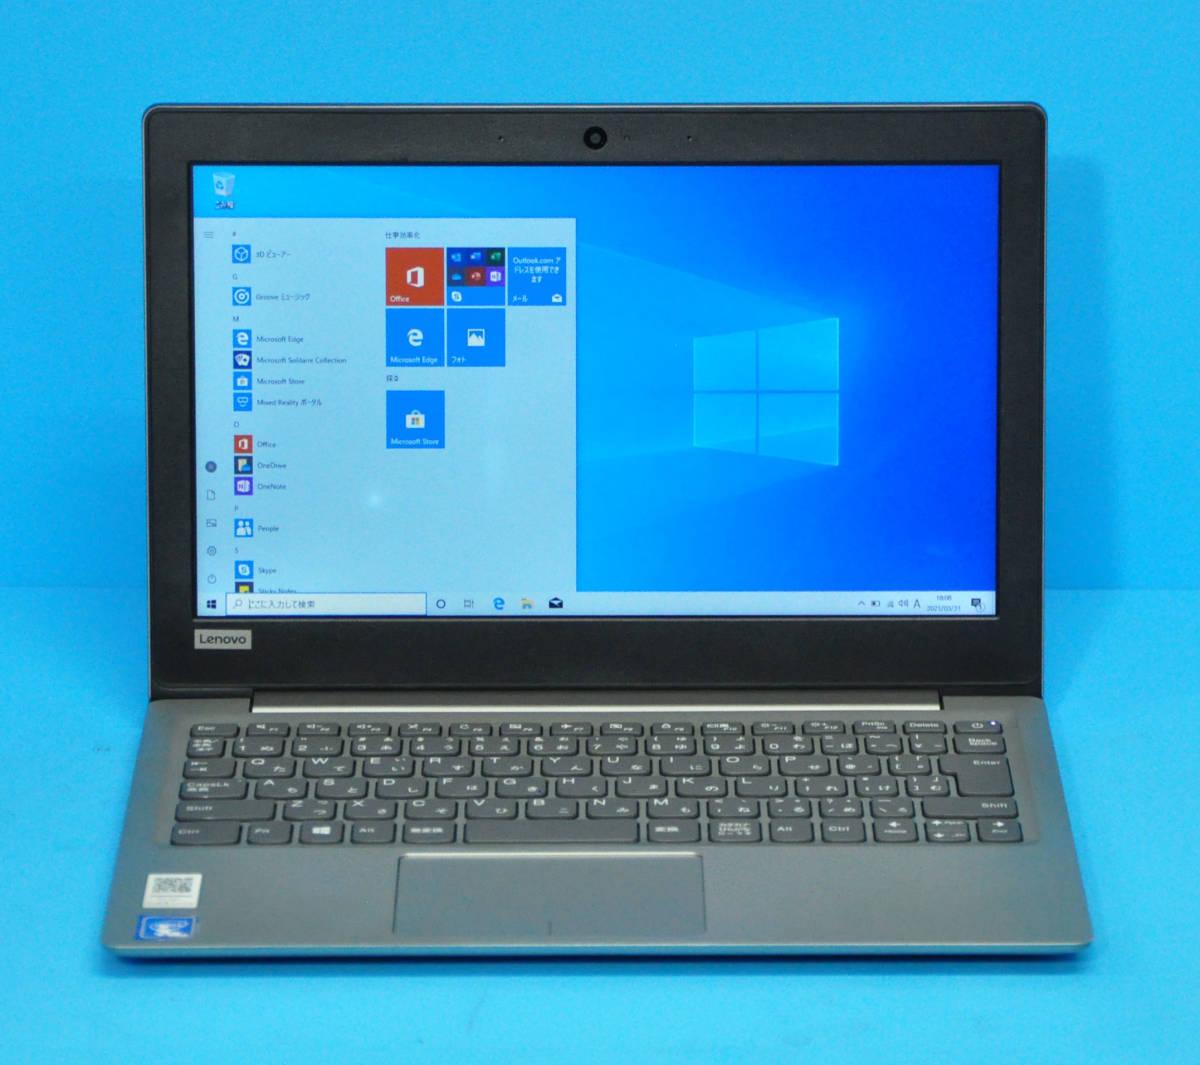 ♪ 上位モデル Ideapad 120S ♪ Dual-Core Celeron N3350/ メモ4GB/ SSD:256GB/ カメラ/ Wlan/ Office2019/ Win10_画像1